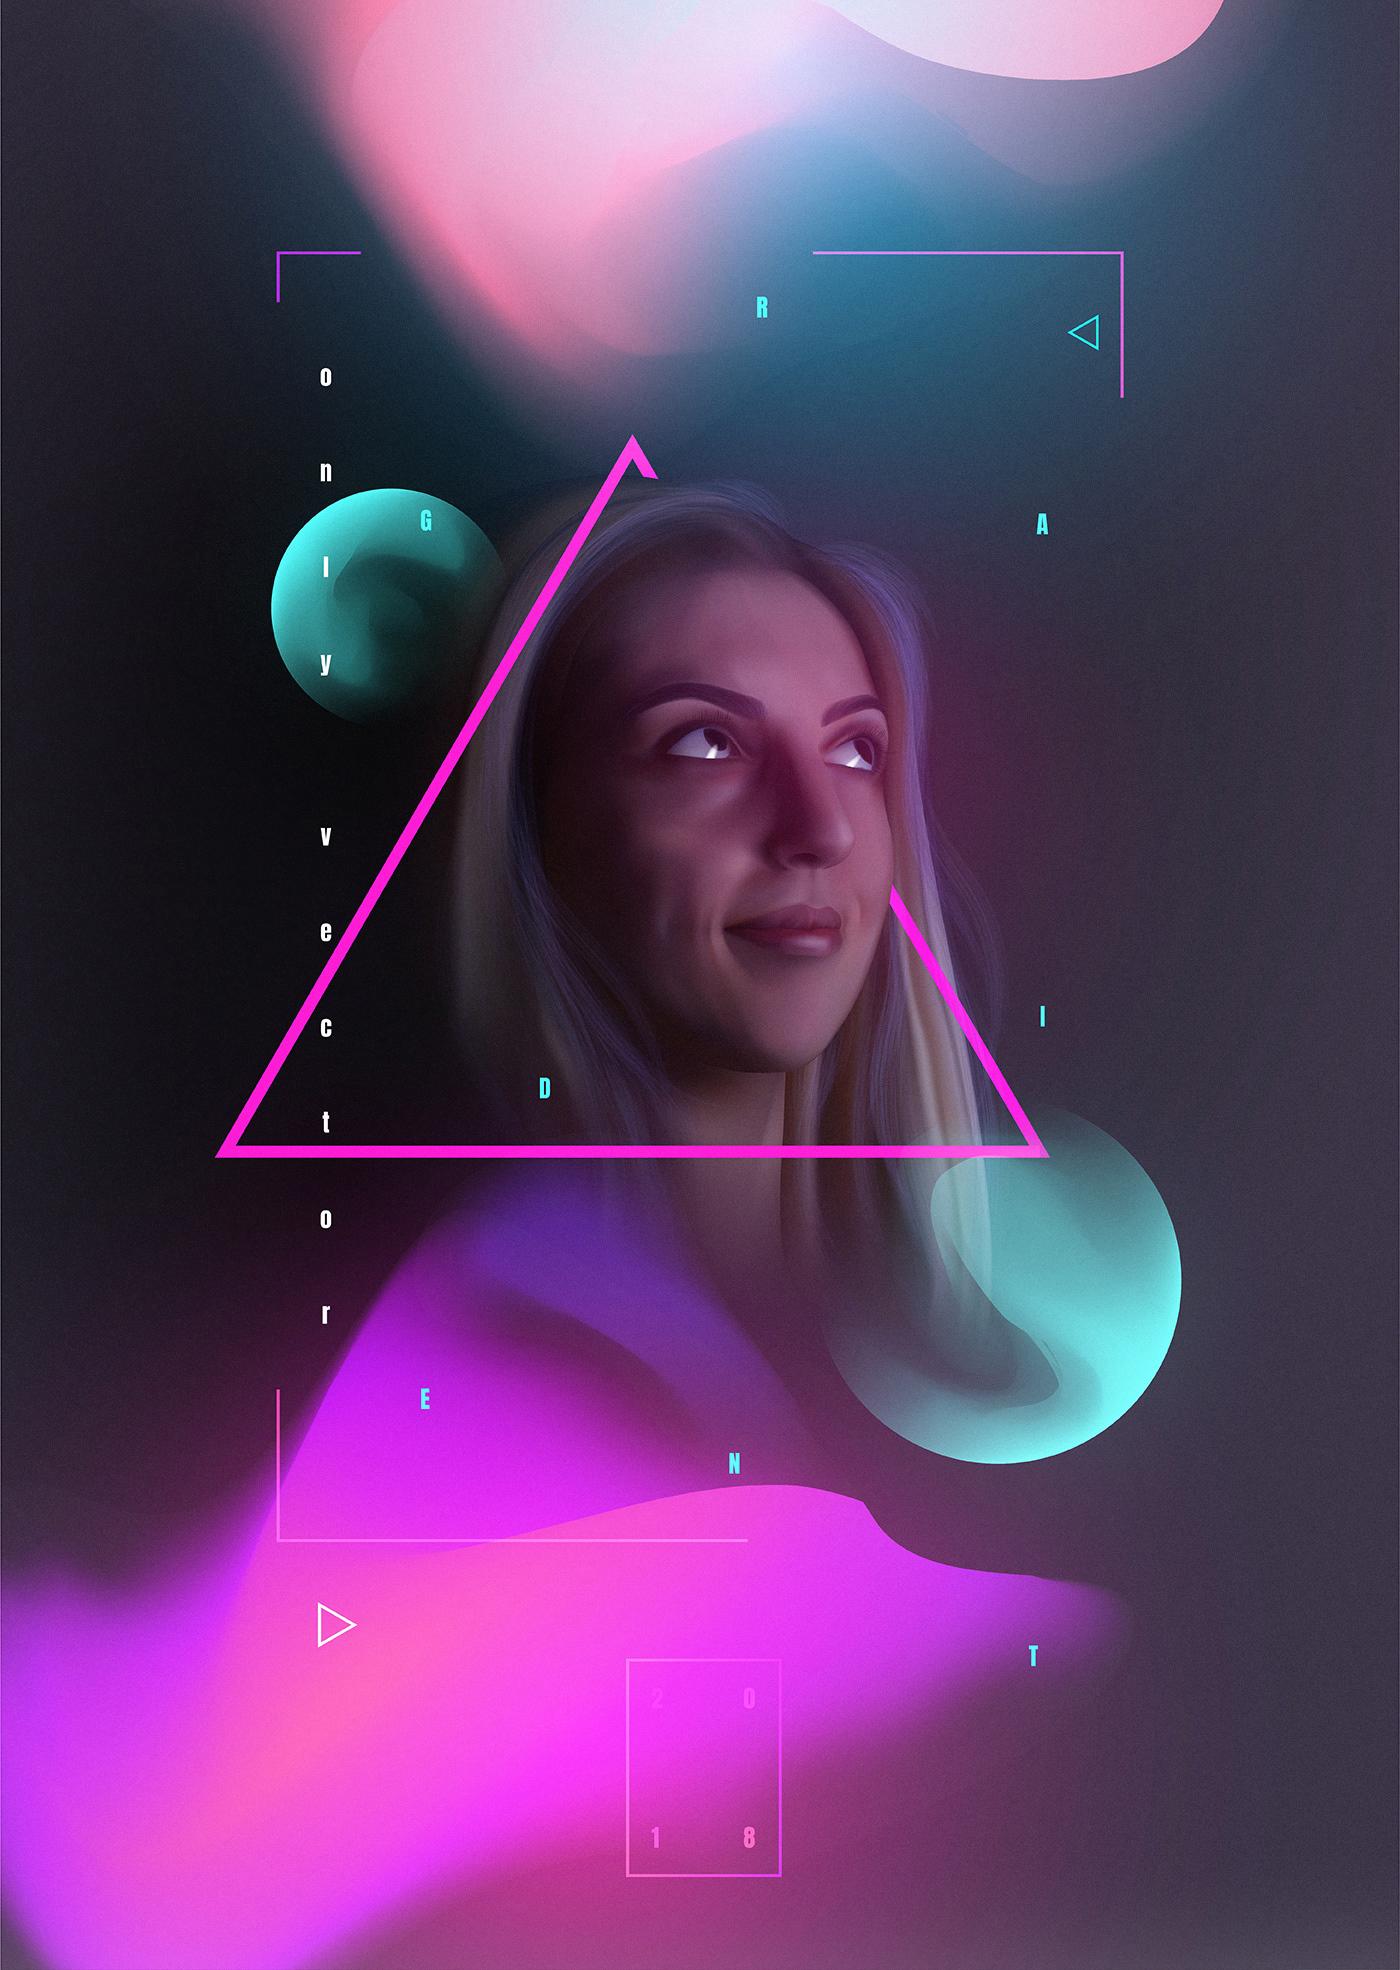 vector self-portrait mesh neon geometry poster design gradient girl